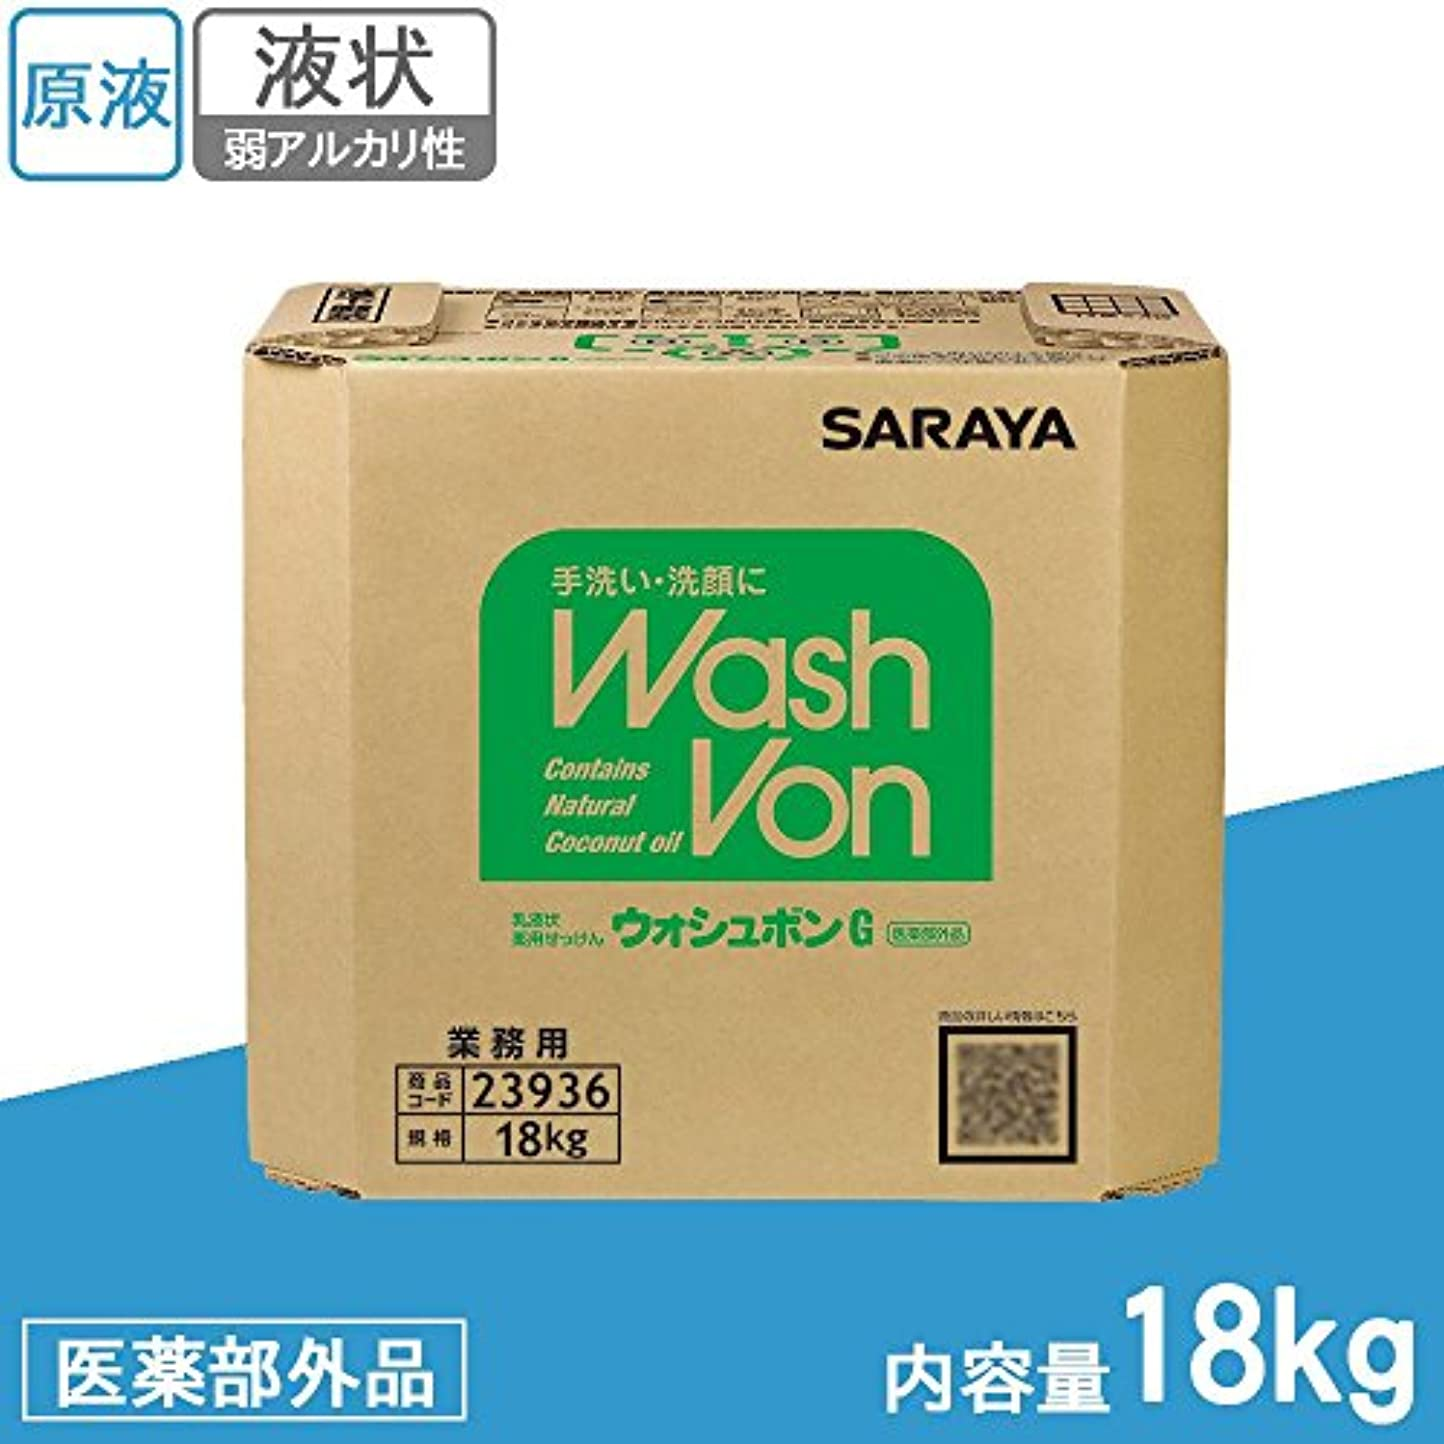 おじいちゃん降臨混雑サラヤ 業務用 乳液状薬用せっけん ウォシュボンG 18kg BIB 23936 (医薬部外品)